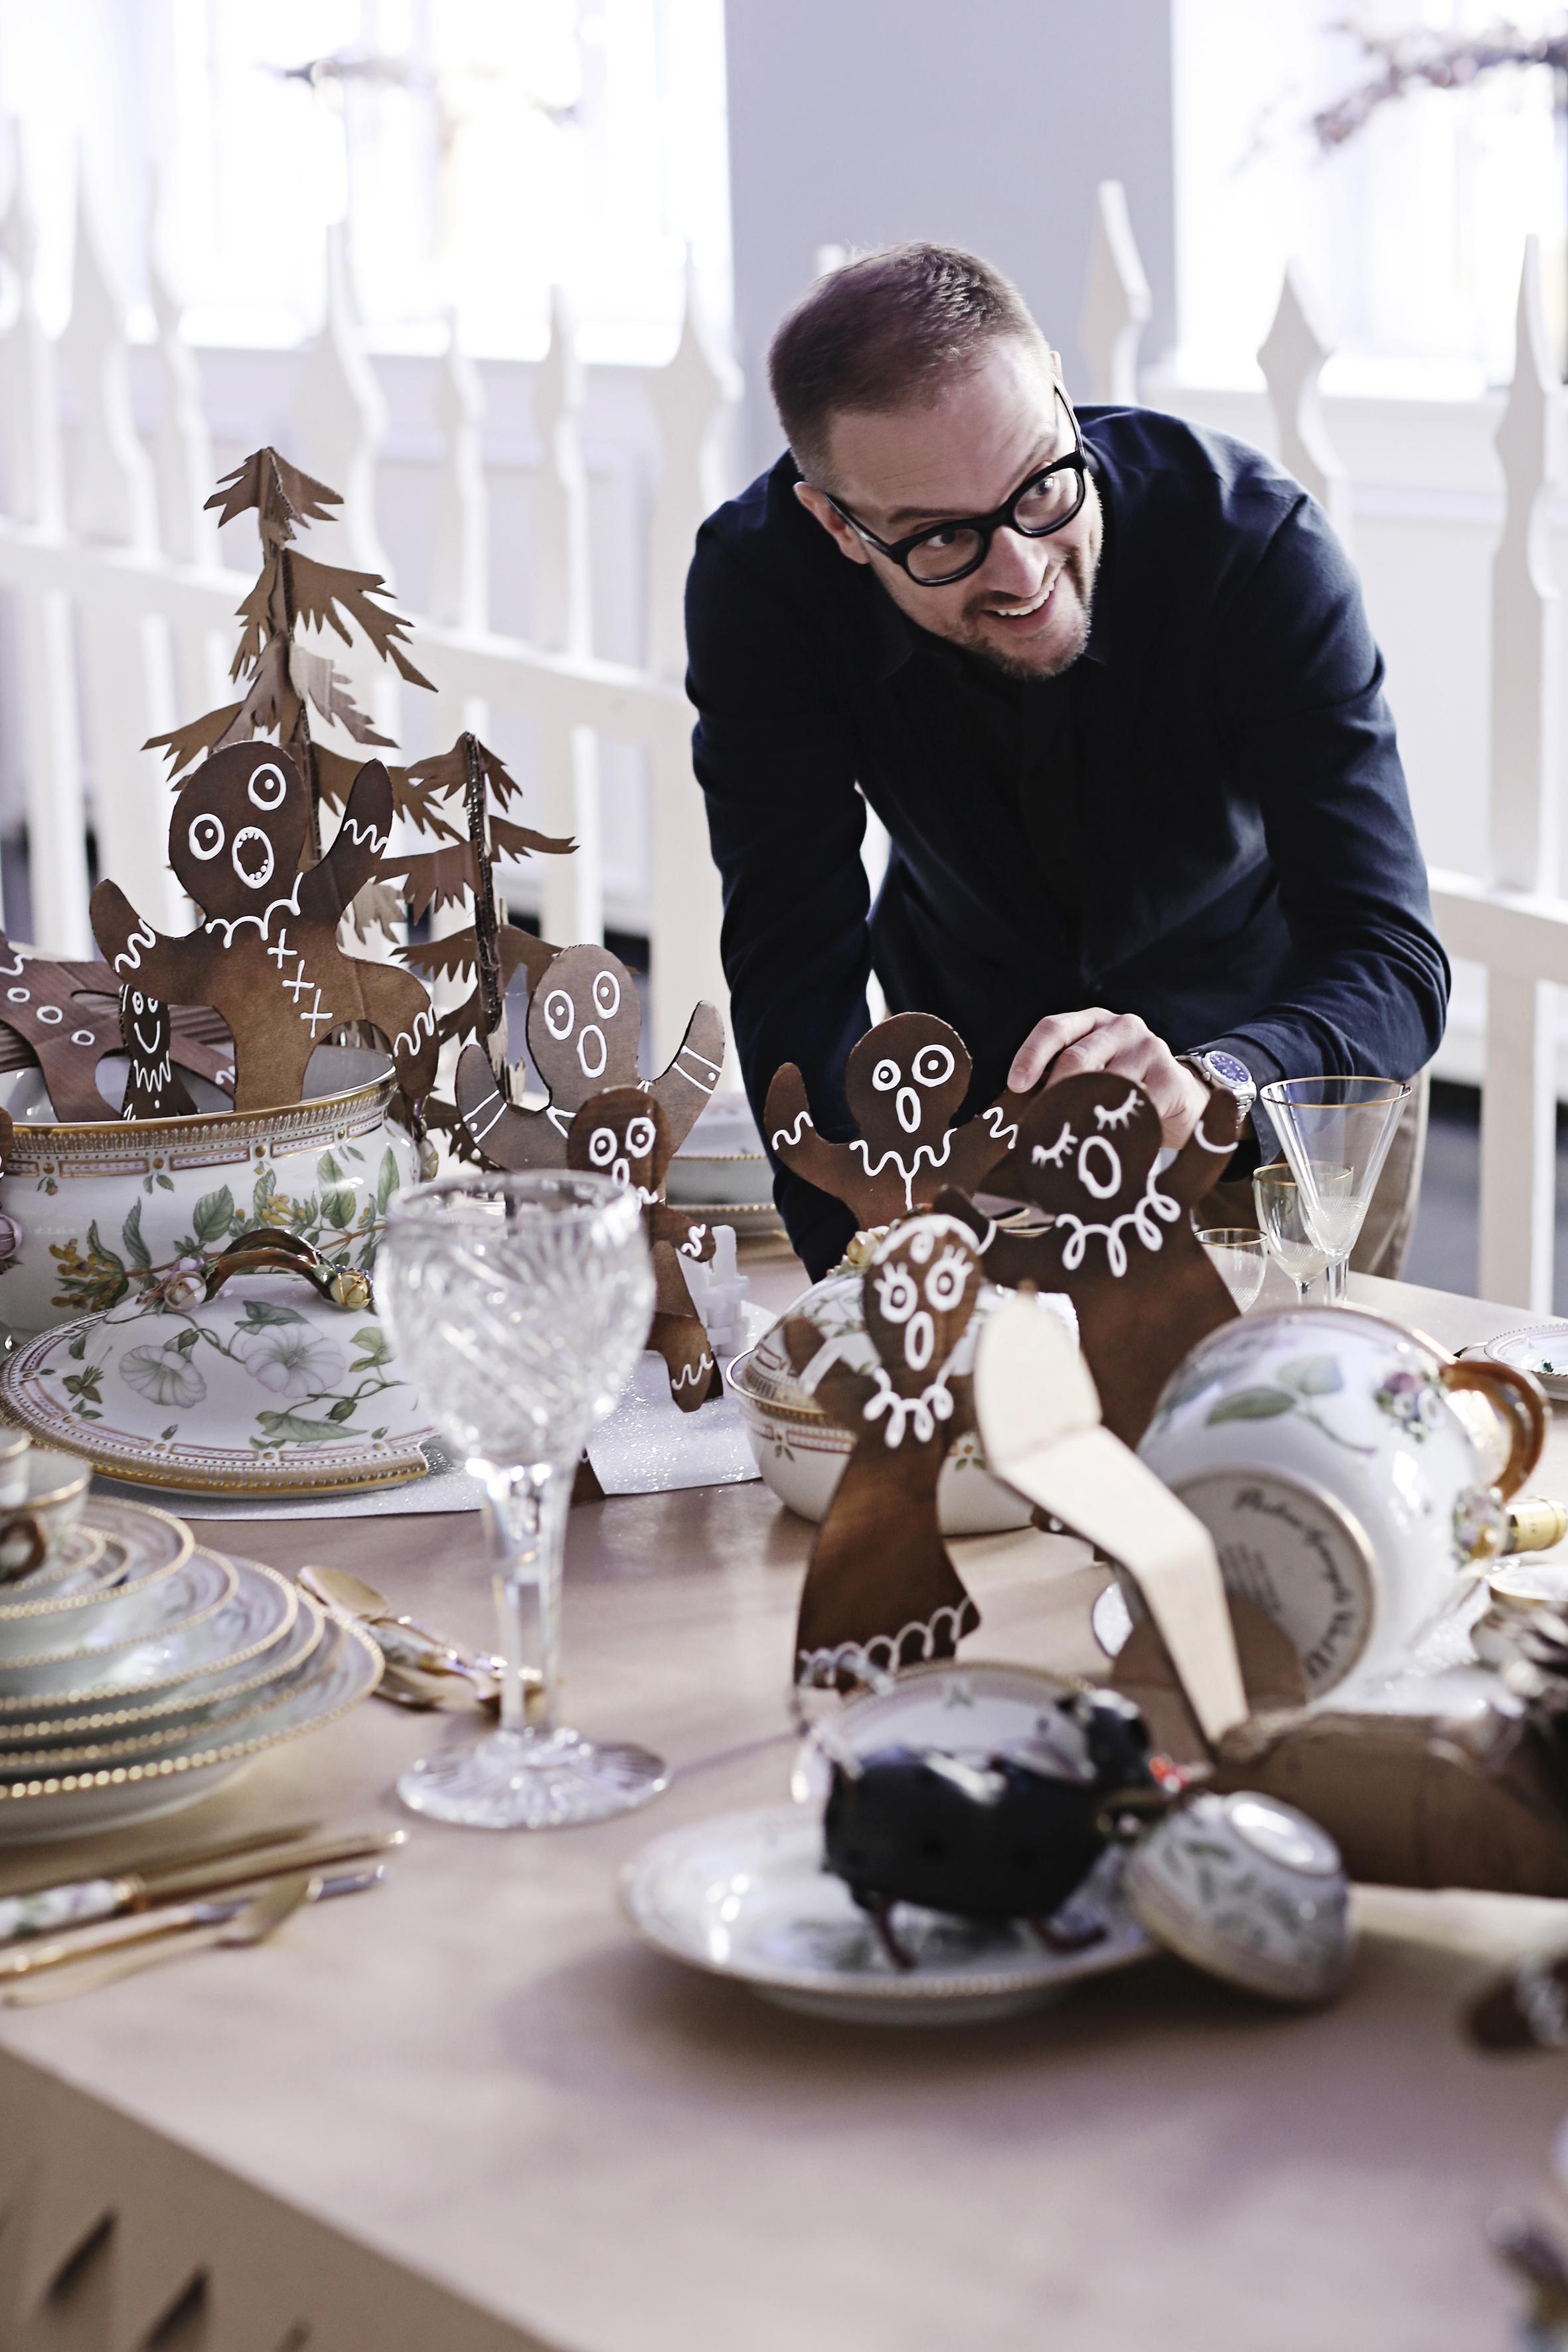 Juleborde hos Royal Copenhagen